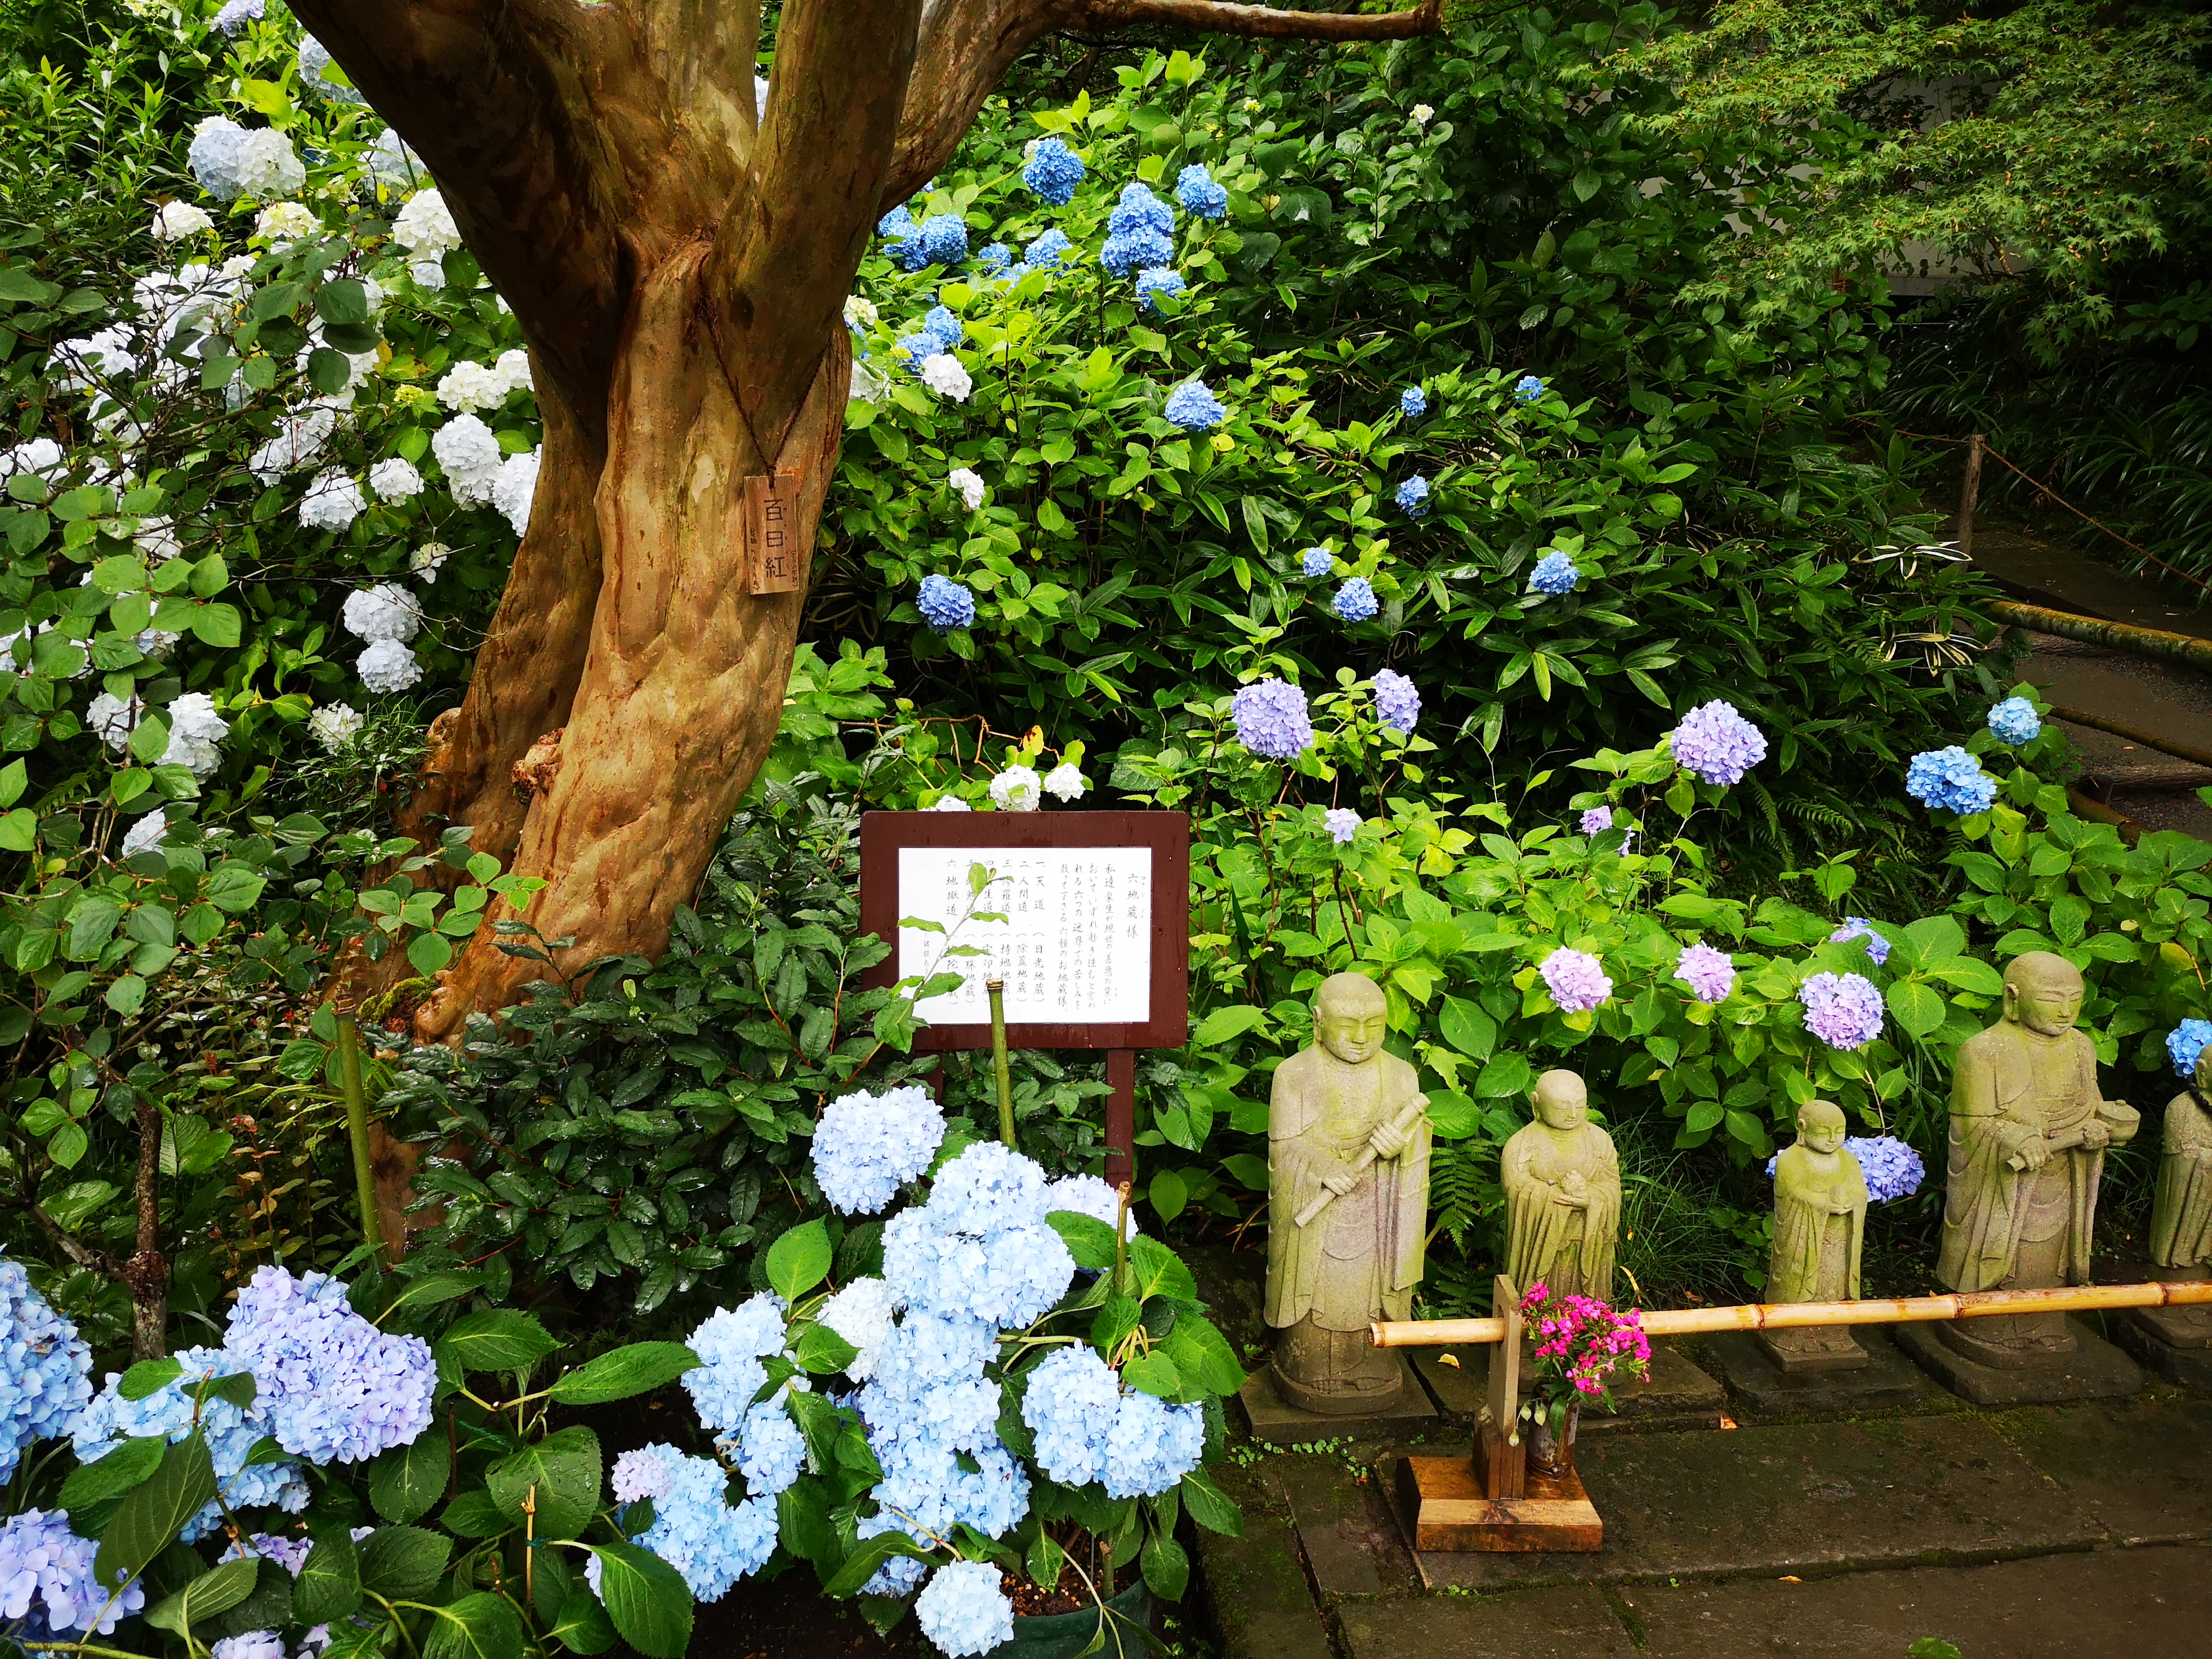 あじさい寺で有名ですが、あじさいを植えたのは鎌倉時代…ではなく昭和の頃だとか。(クリックで原寸)